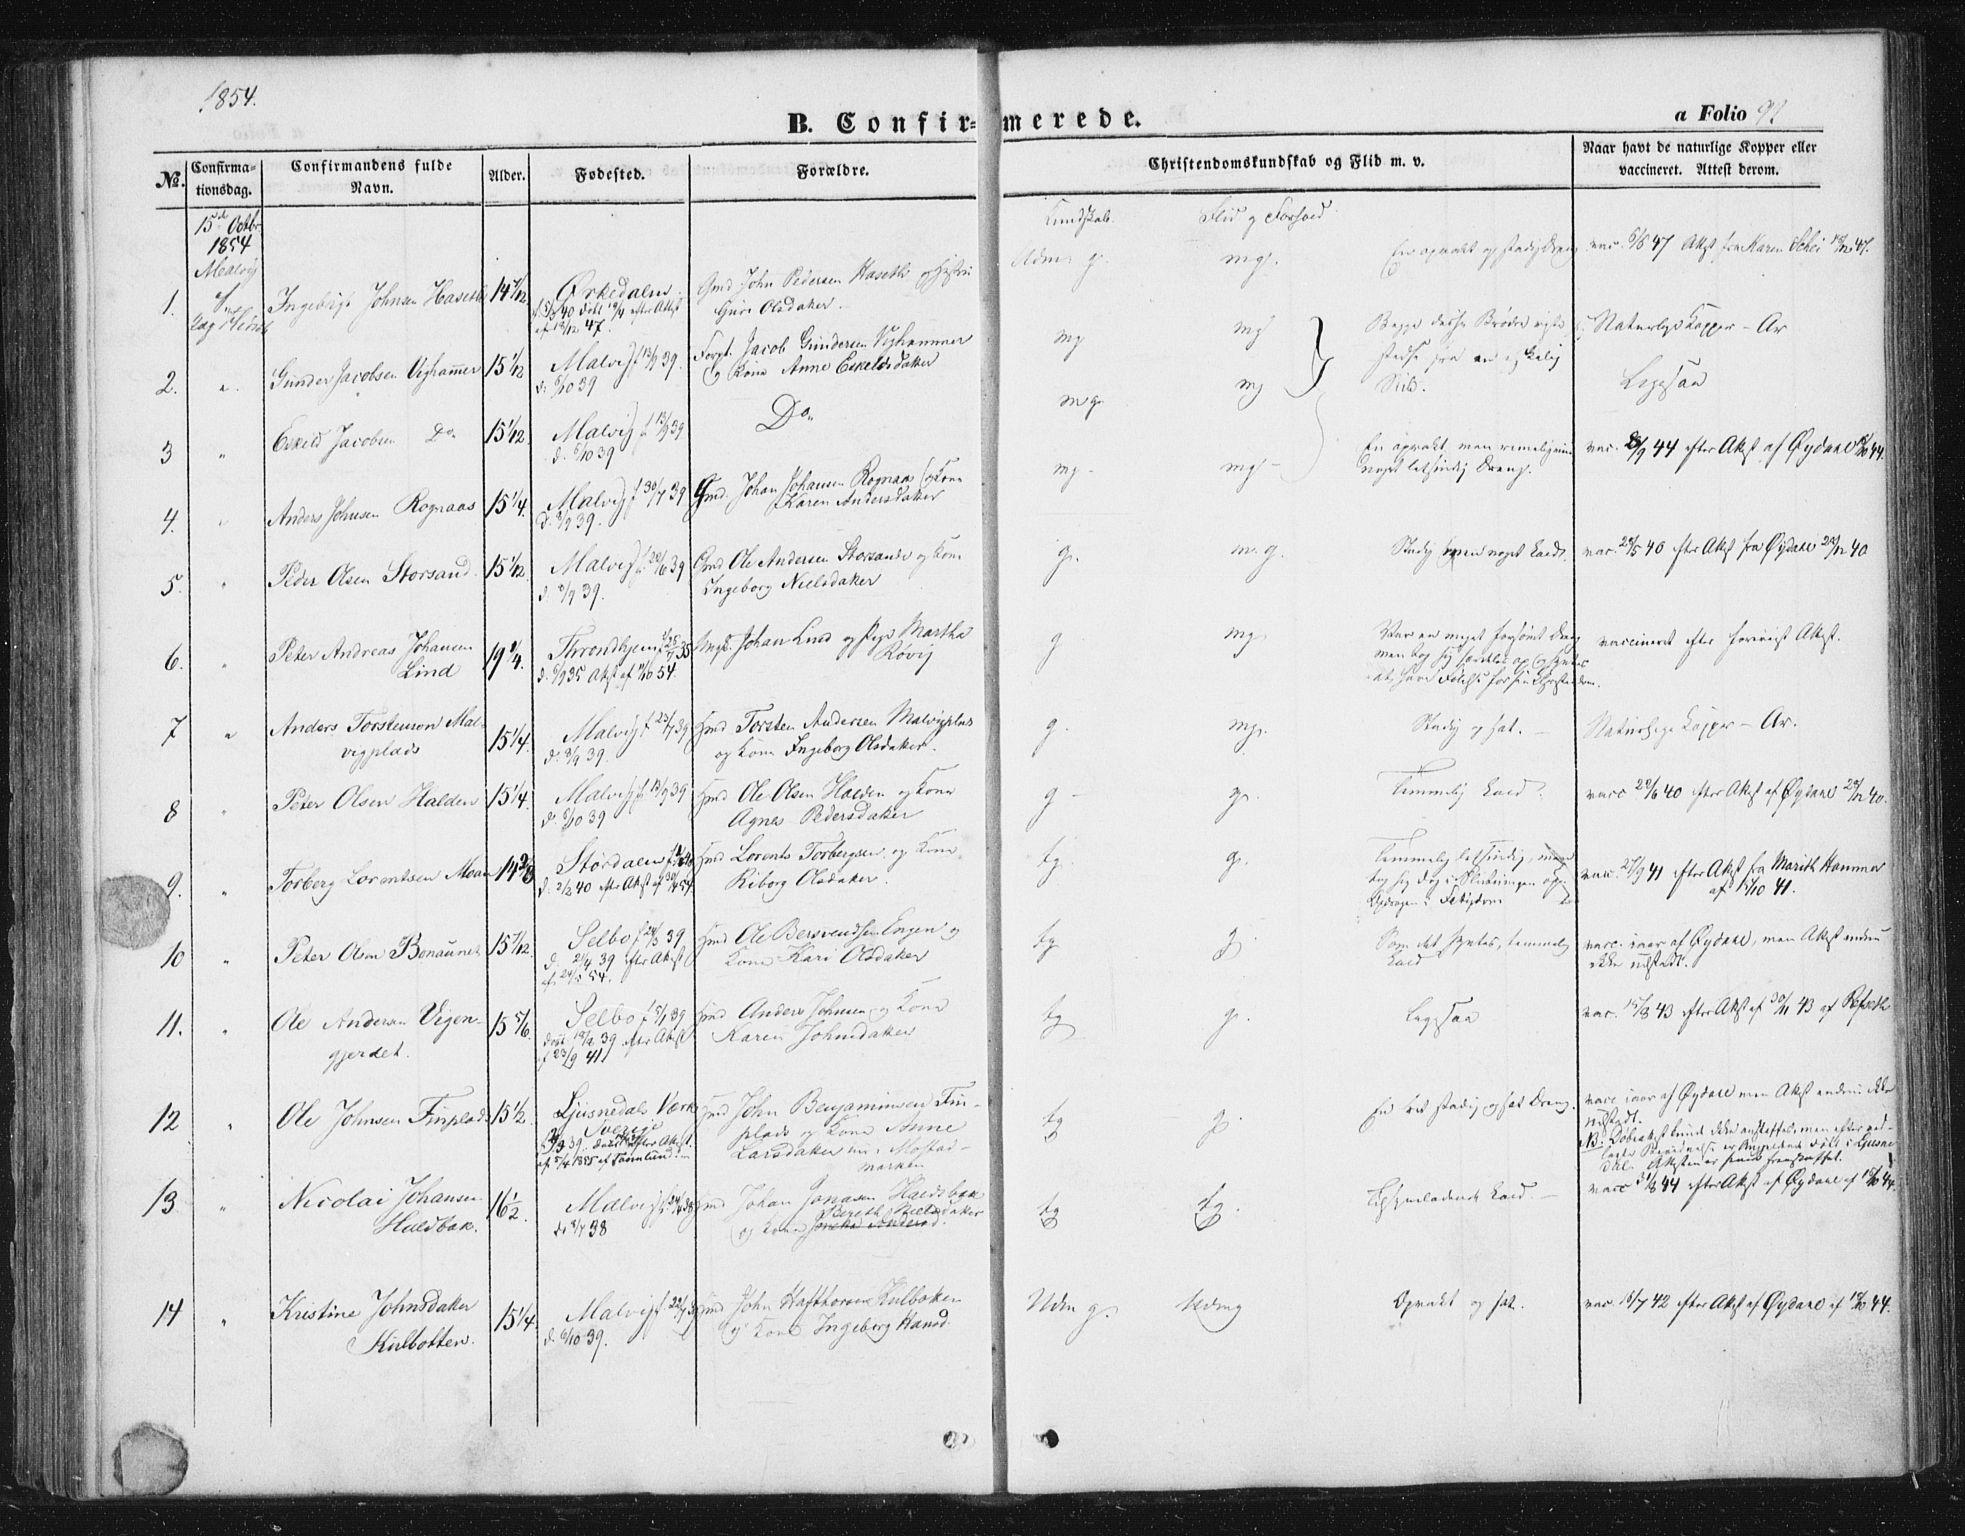 SAT, Ministerialprotokoller, klokkerbøker og fødselsregistre - Sør-Trøndelag, 616/L0407: Ministerialbok nr. 616A04, 1848-1856, s. 92